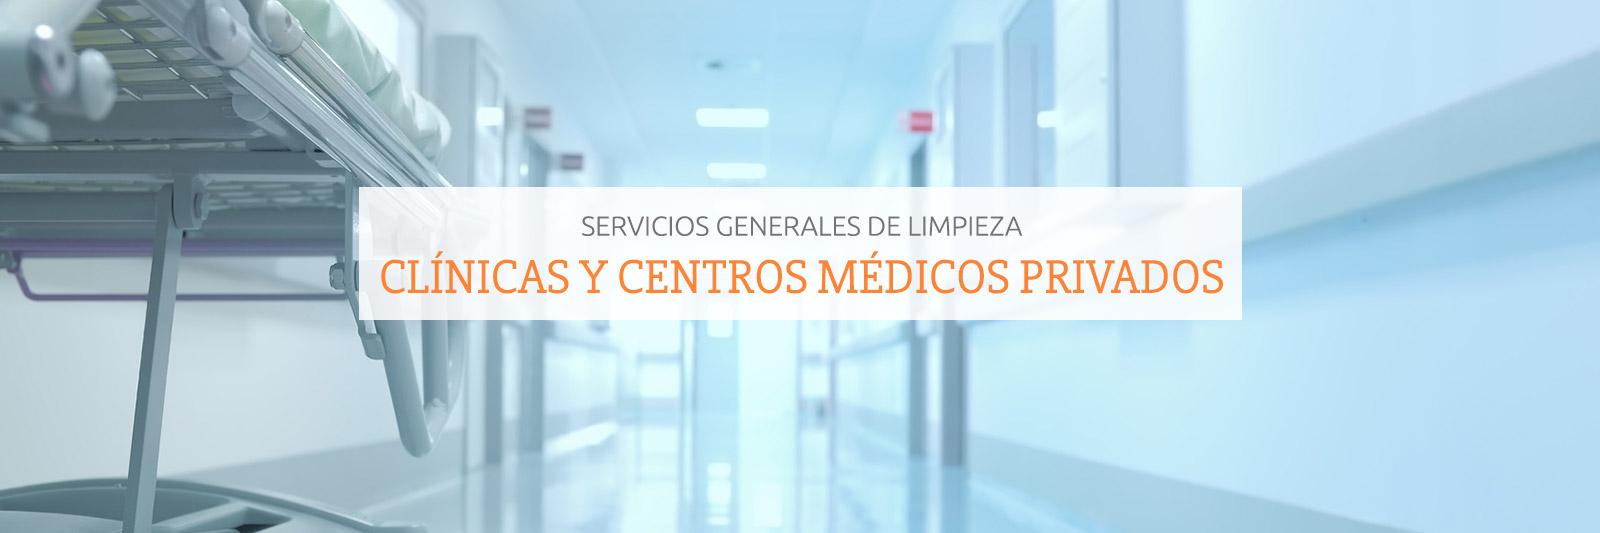 limpieza de hospitales en sevilla,. limpieza de centros medicos sevilla